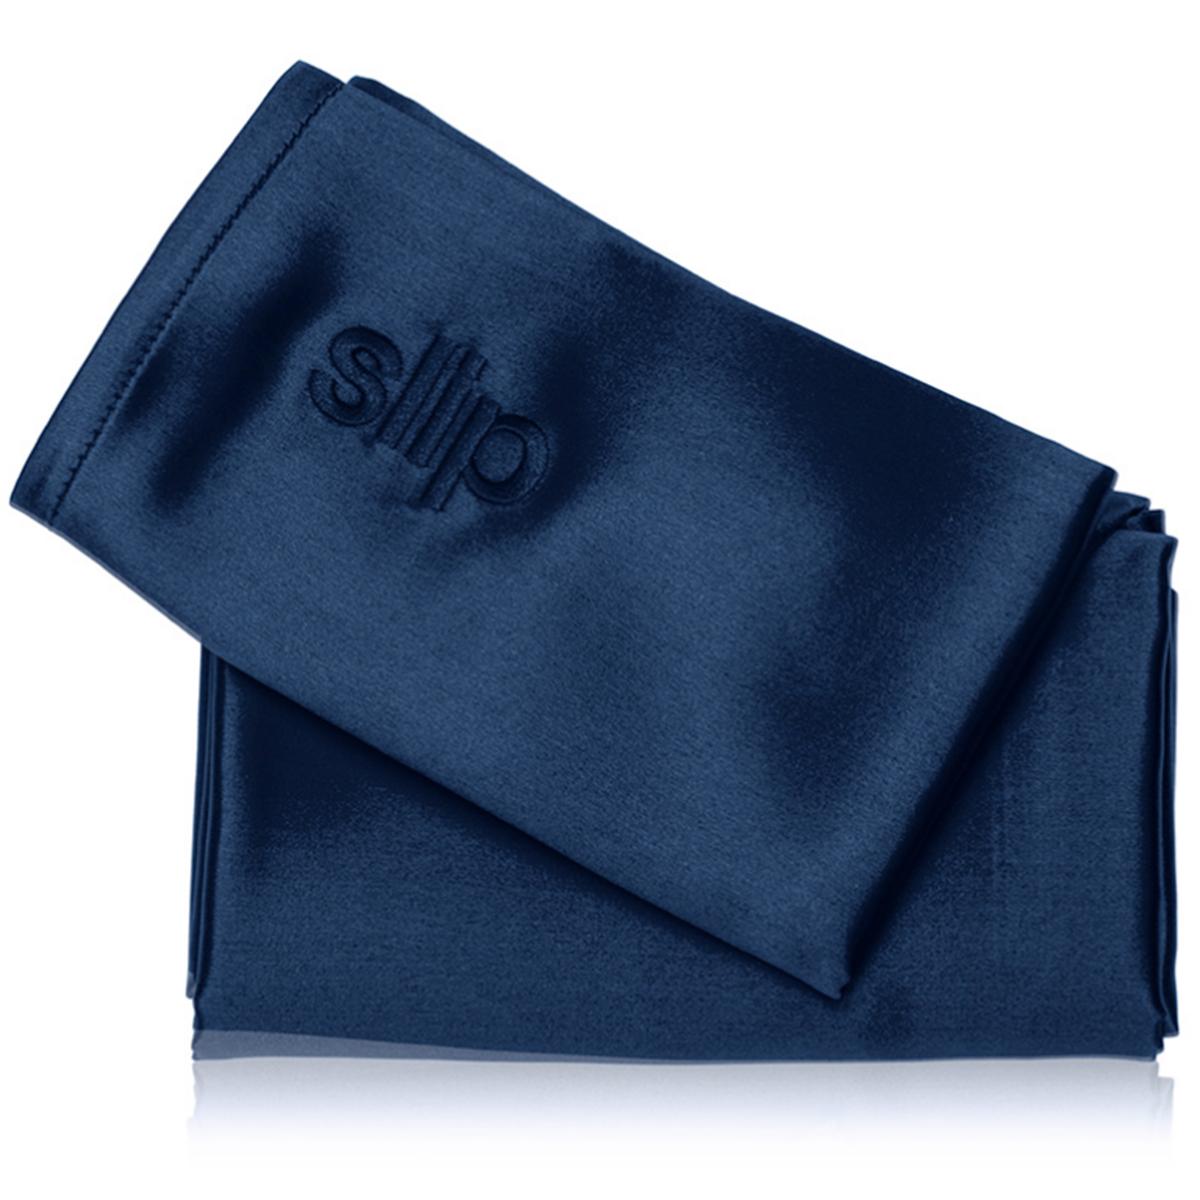 slip blue case